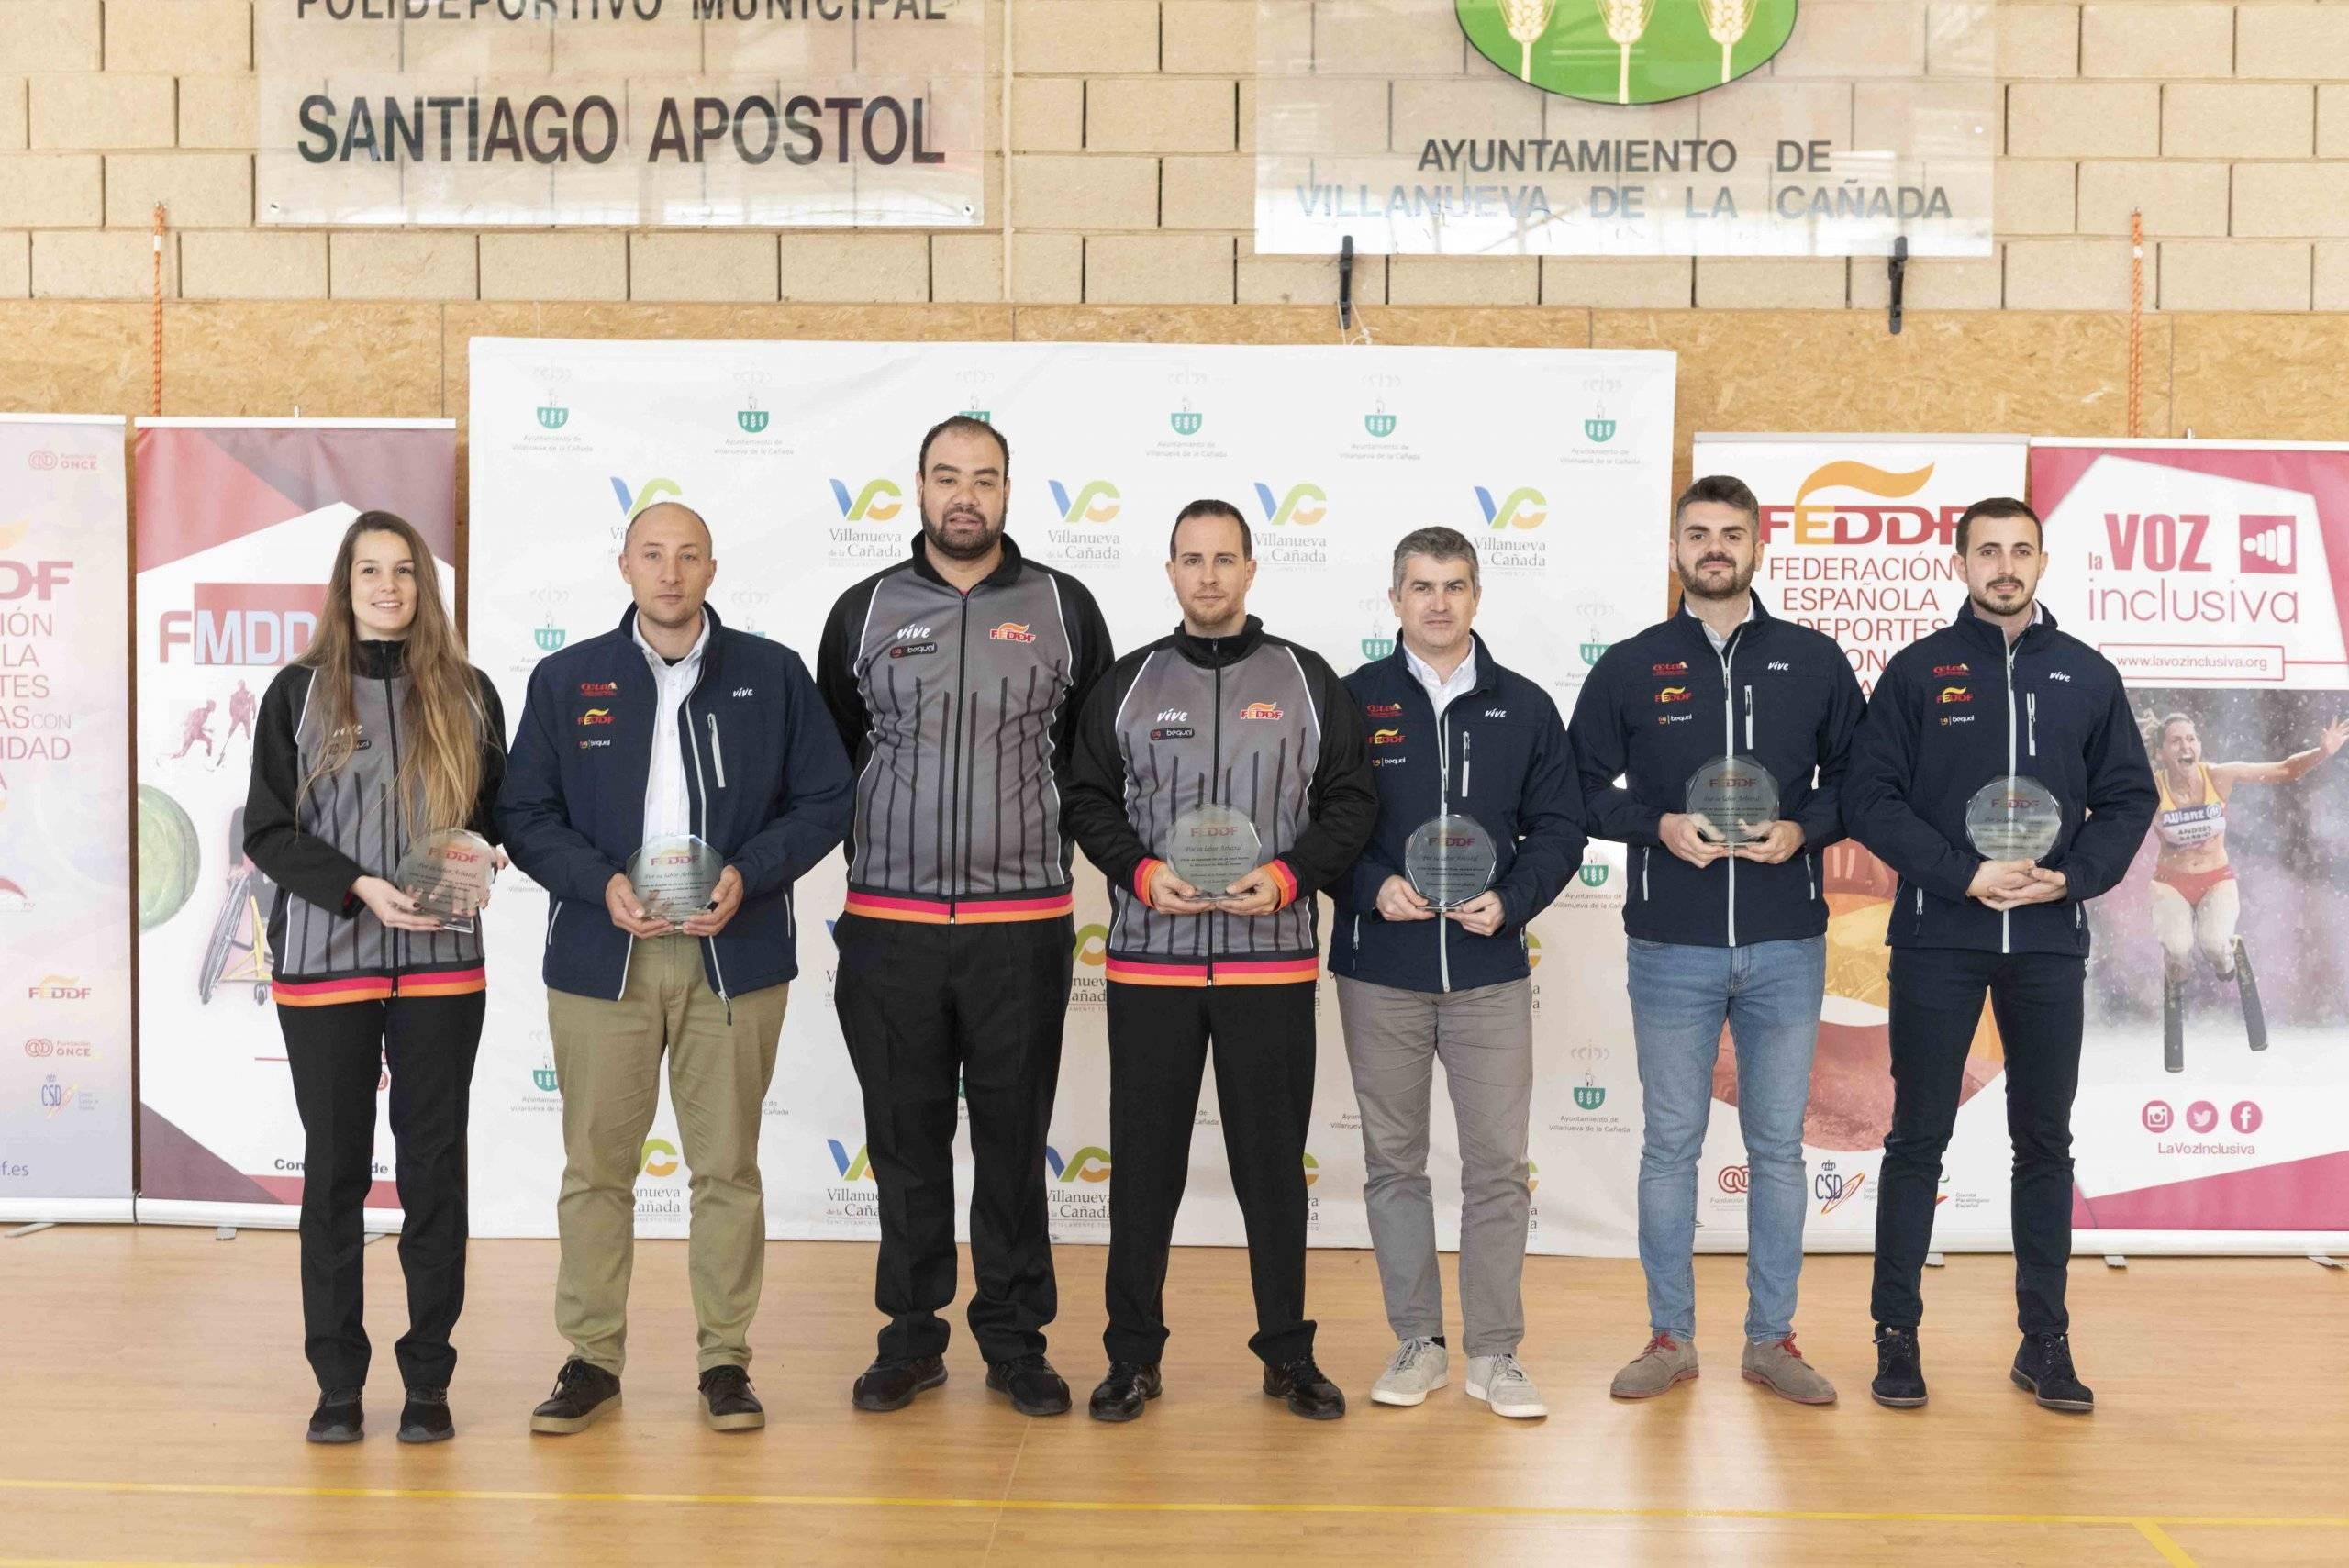 Foto de familia de los árbitros colaboradores en el campeonato.